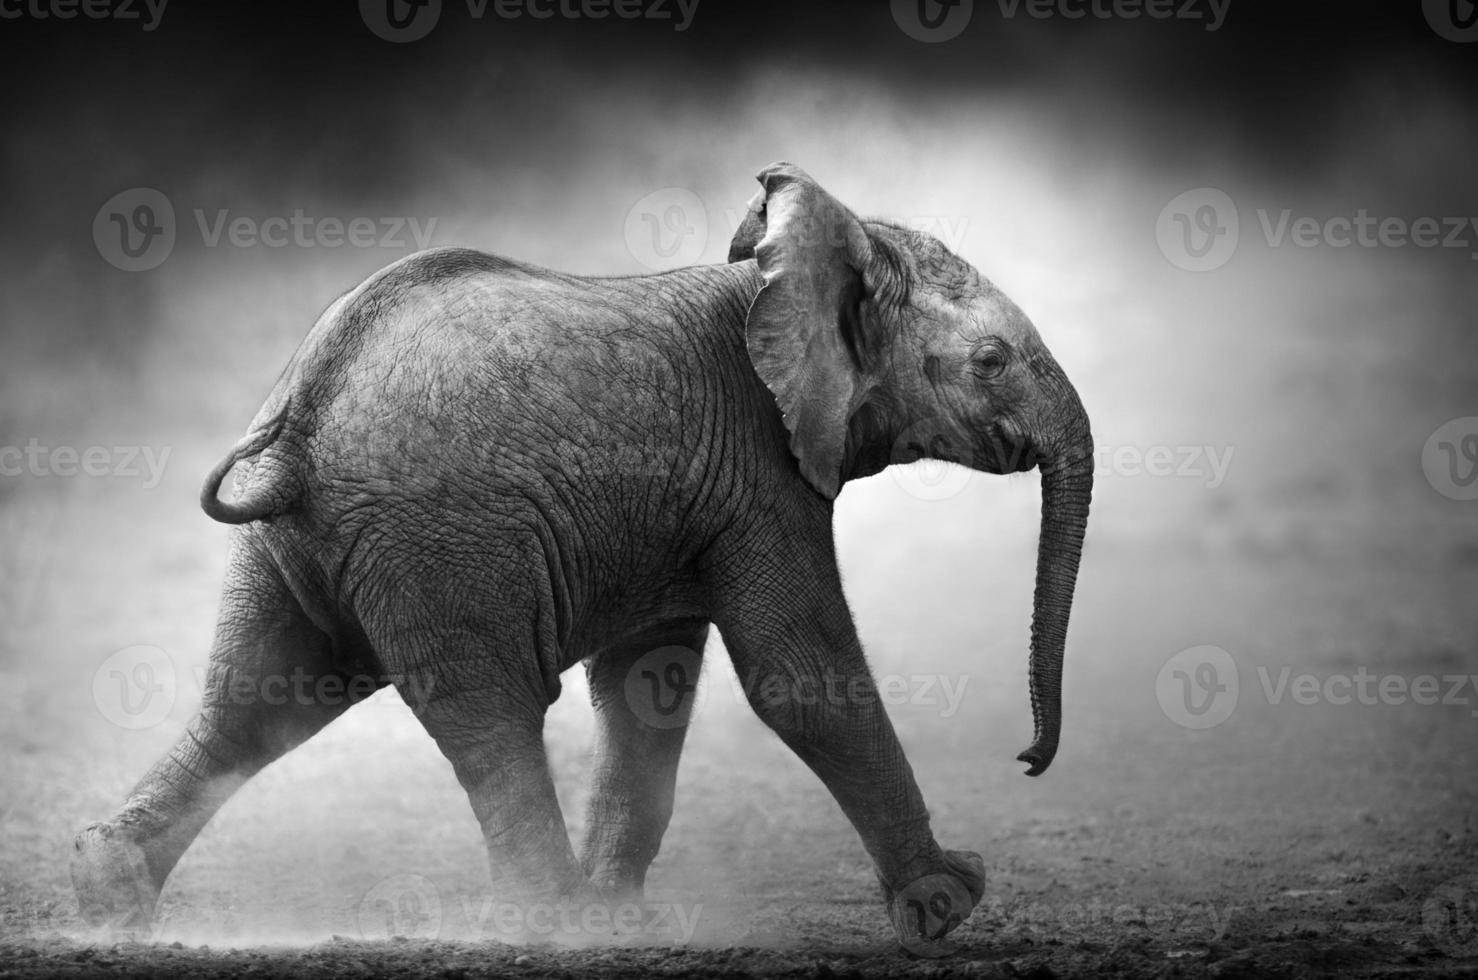 elefante bebê correndo (processamento artístico) foto